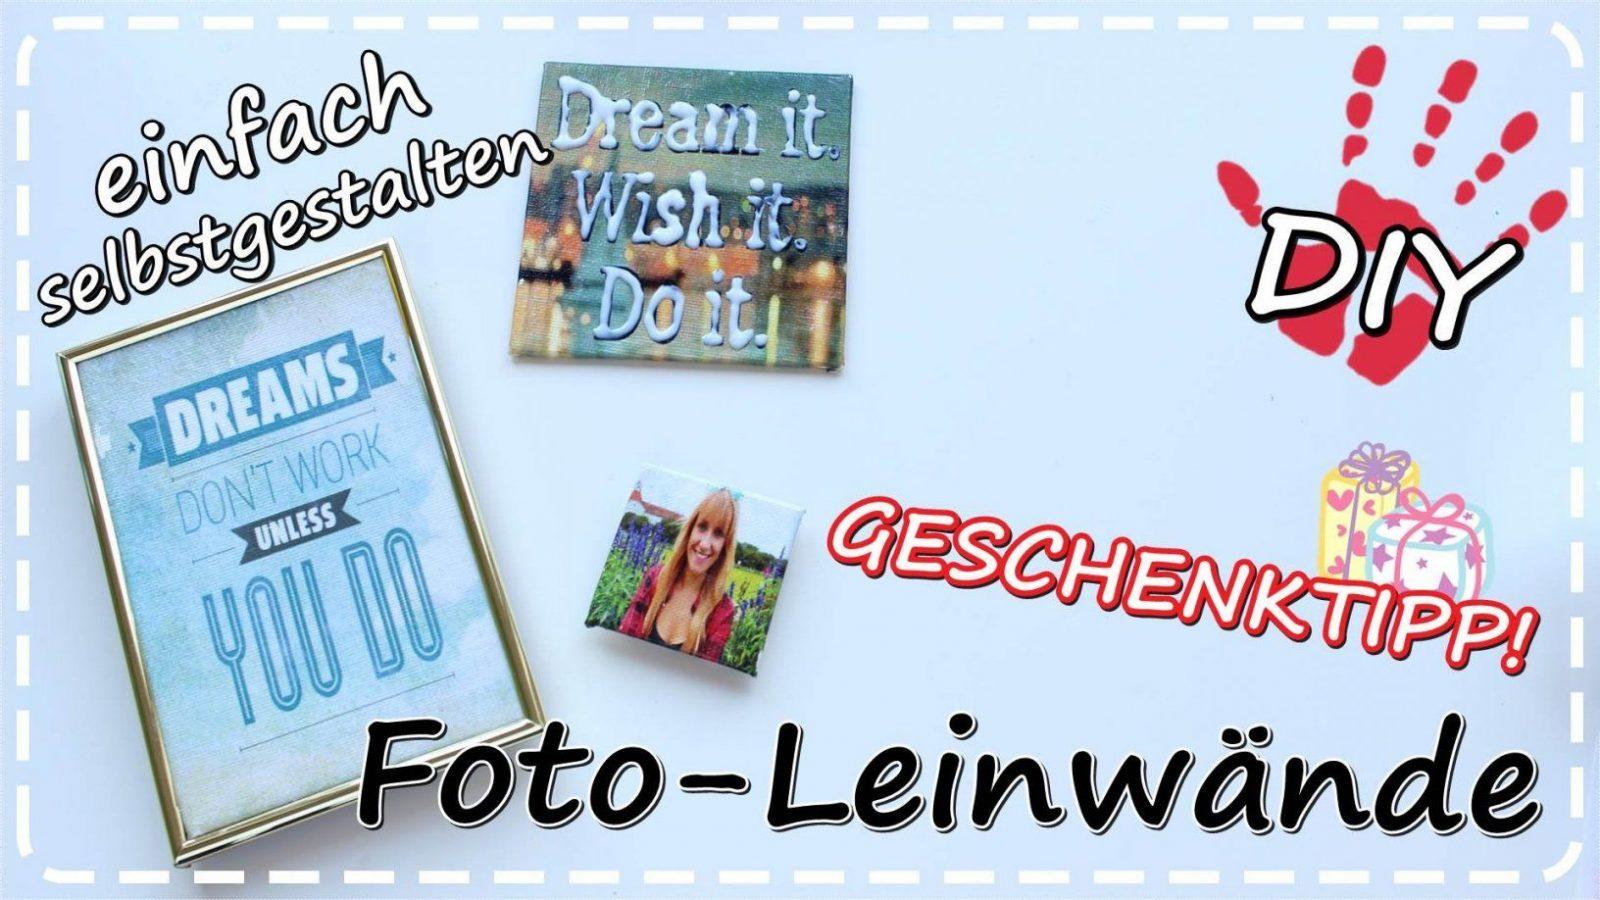 Diy Fotoleinwand Selbermachen Mit Transfer Potch  Geschenkideen von Bilder Collage Auf Leinwand Selber Machen Photo